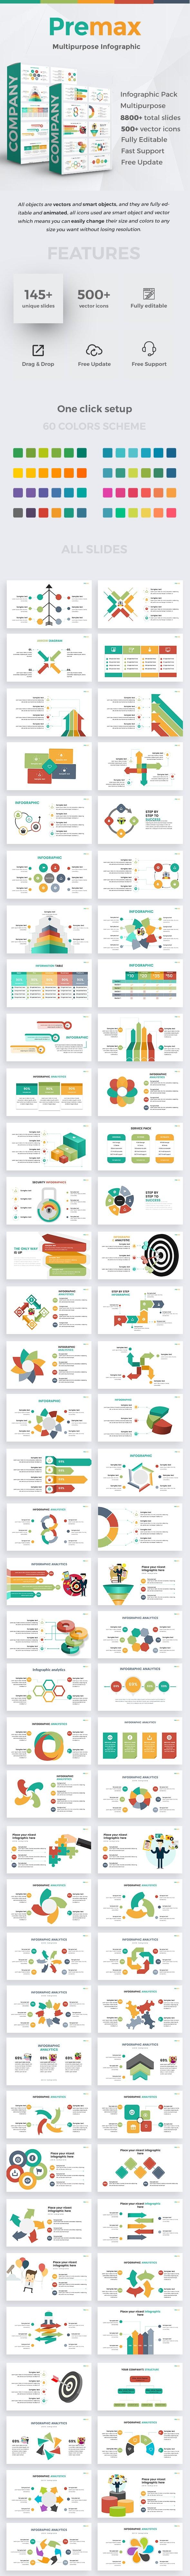 Premax Infographic Pack Google Slide Template - Google Slides Presentation Templates